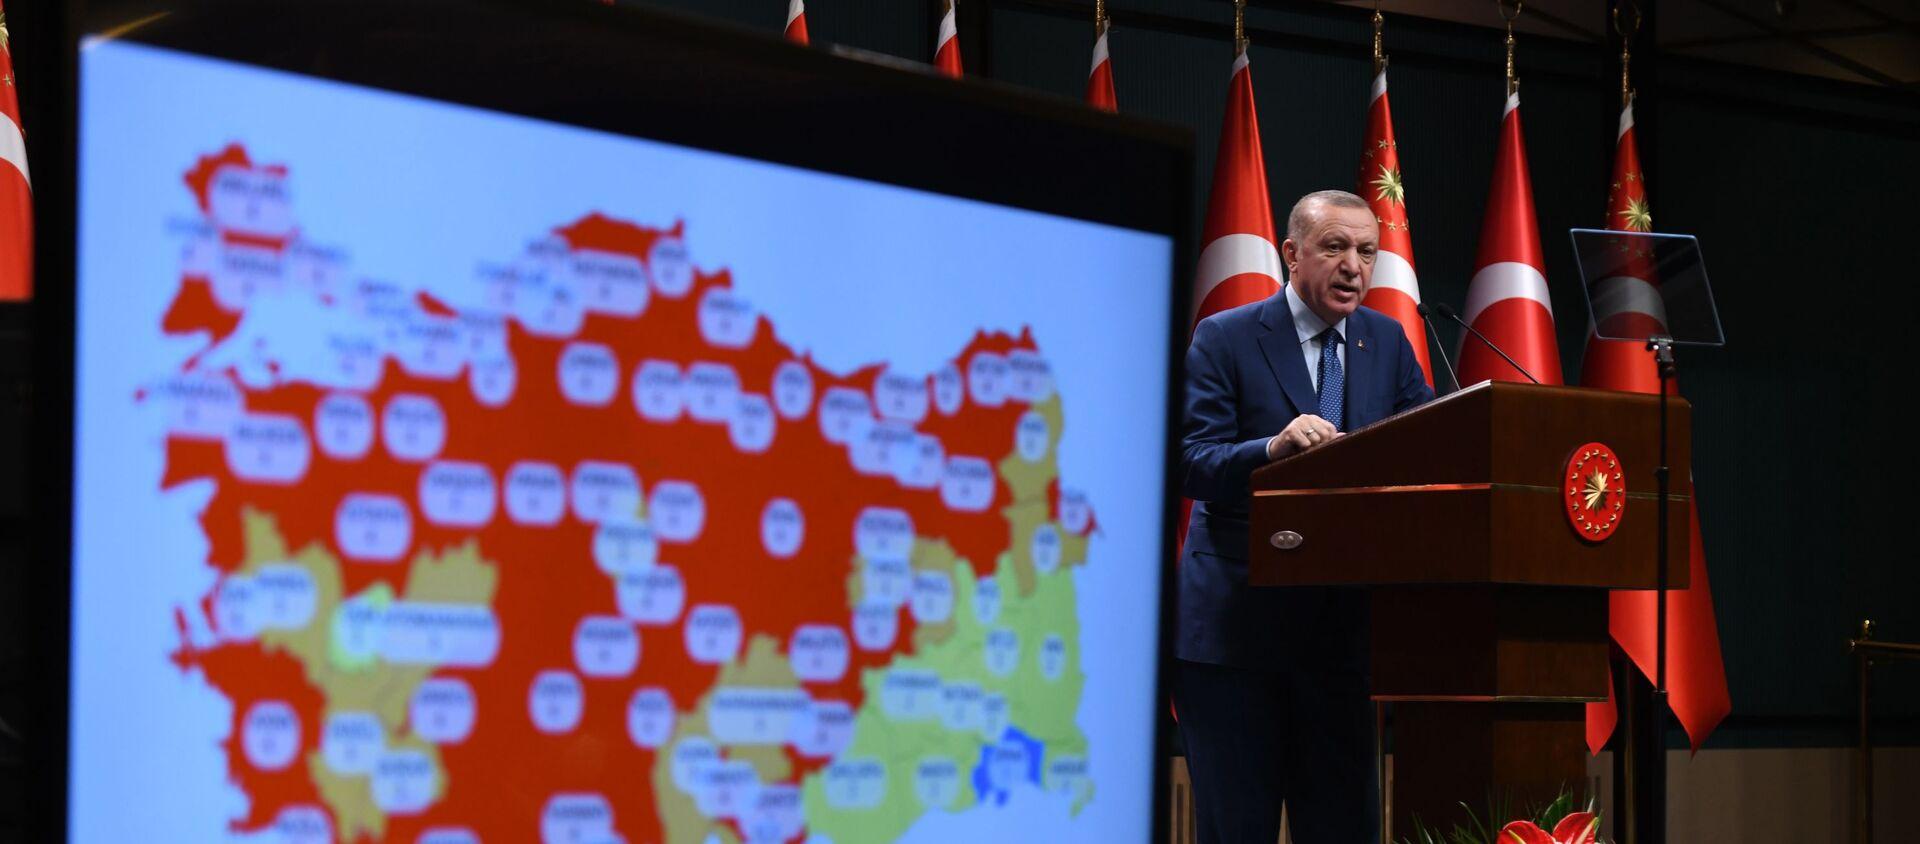 Cumhurbaşkanı Recep Tayyip Erdoğan, kabine toplantısı sonrası yeni koronavirüs kararlarını açıkladı - Sputnik Türkiye, 1920, 29.03.2021